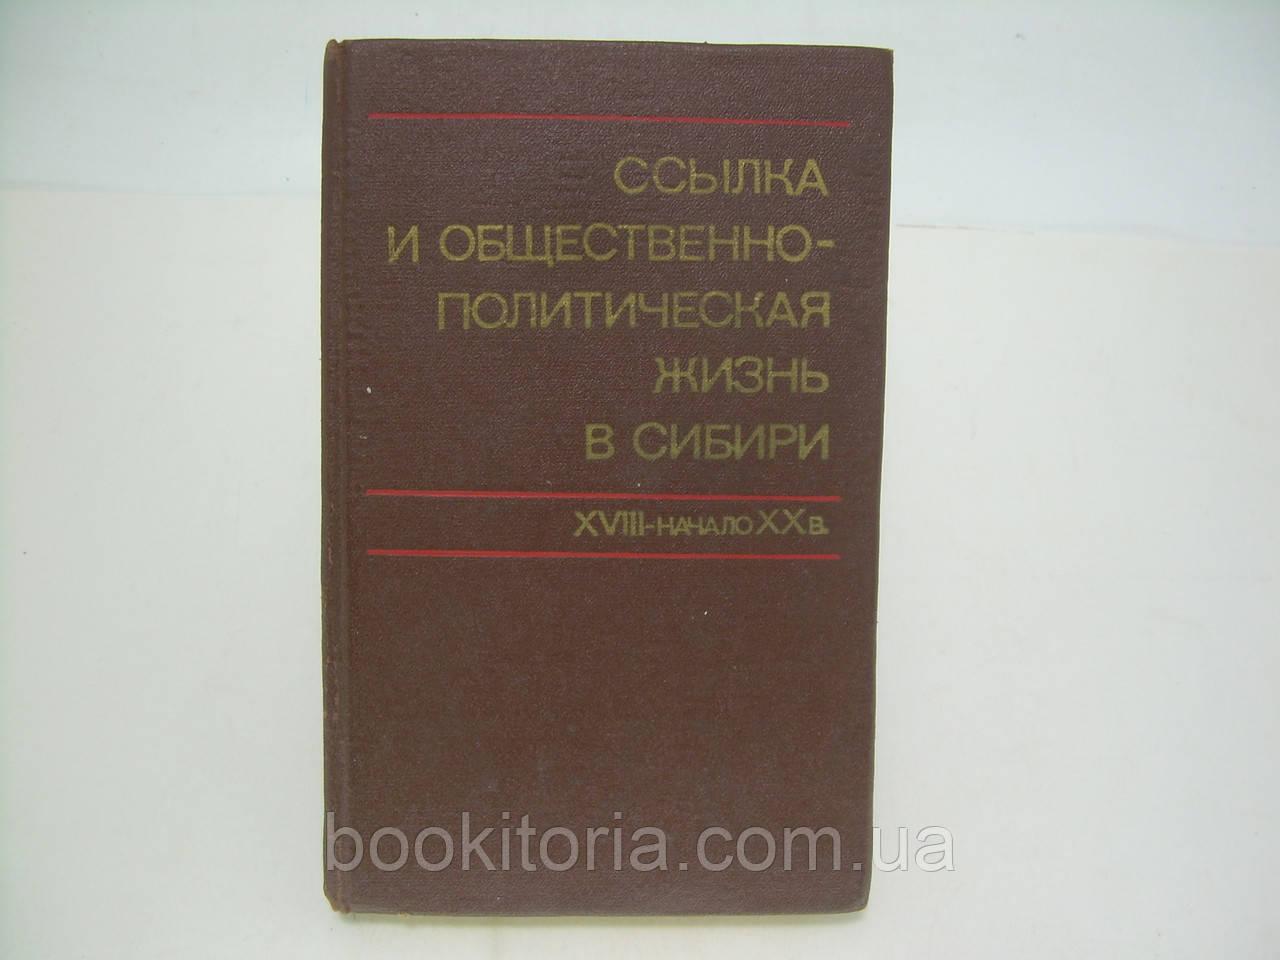 Ссылка и общественно-политическая жизнь в Сибири (XVIII – начало XX века) (б/у).